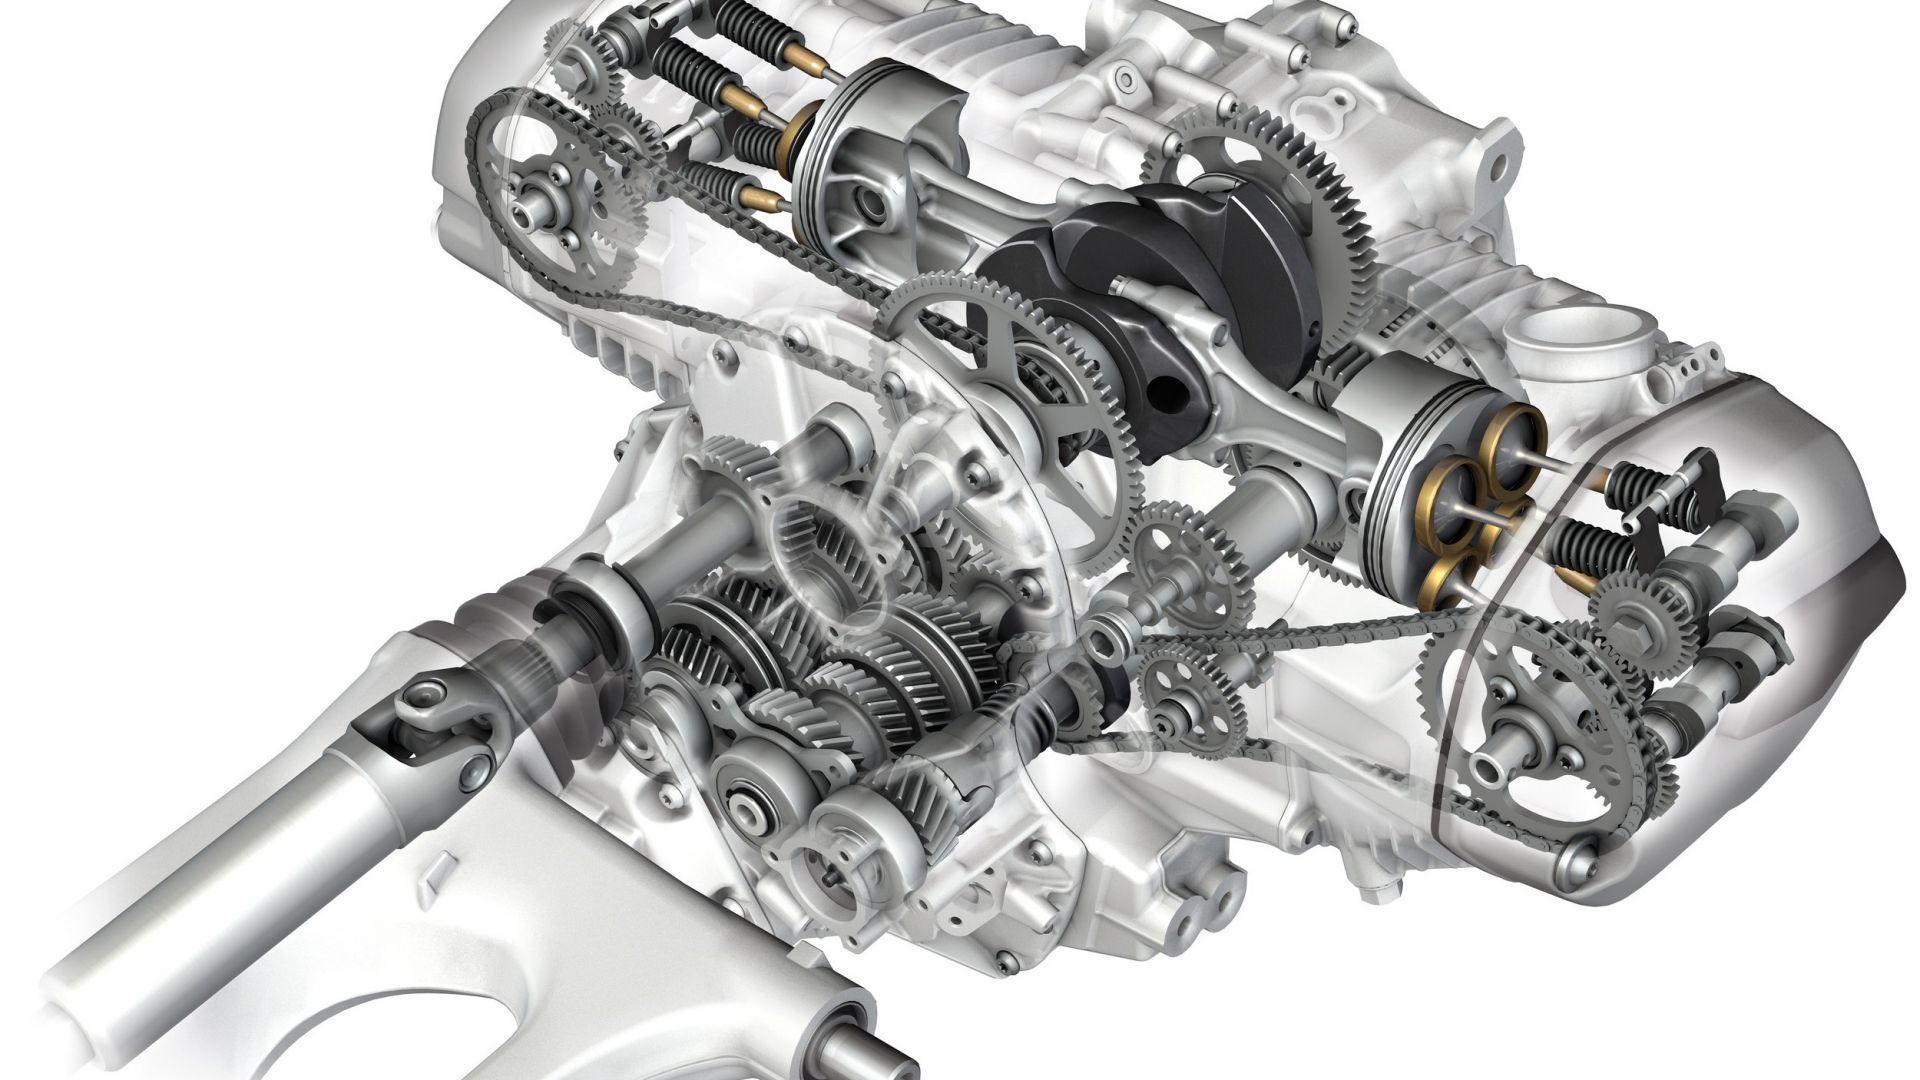 Tecnica Bmw R 1200 Gs Il Motore Ai Raggi X Motorbox